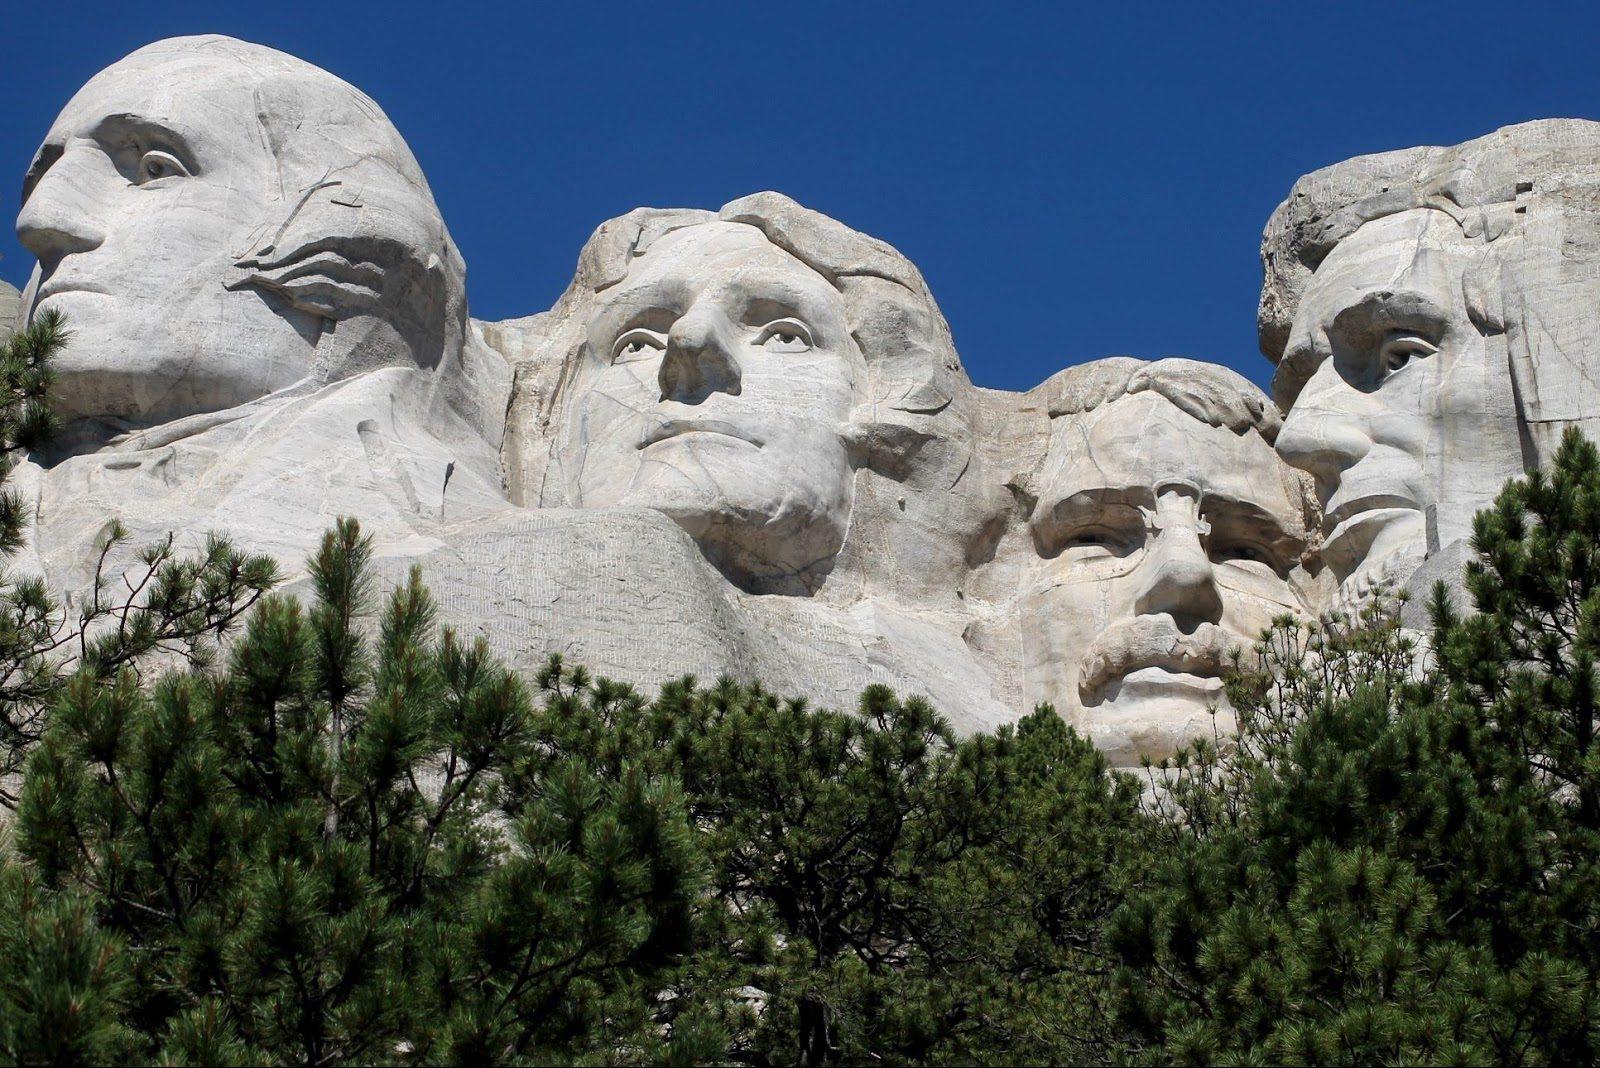 Il Mount Rushmore, icona degli USA